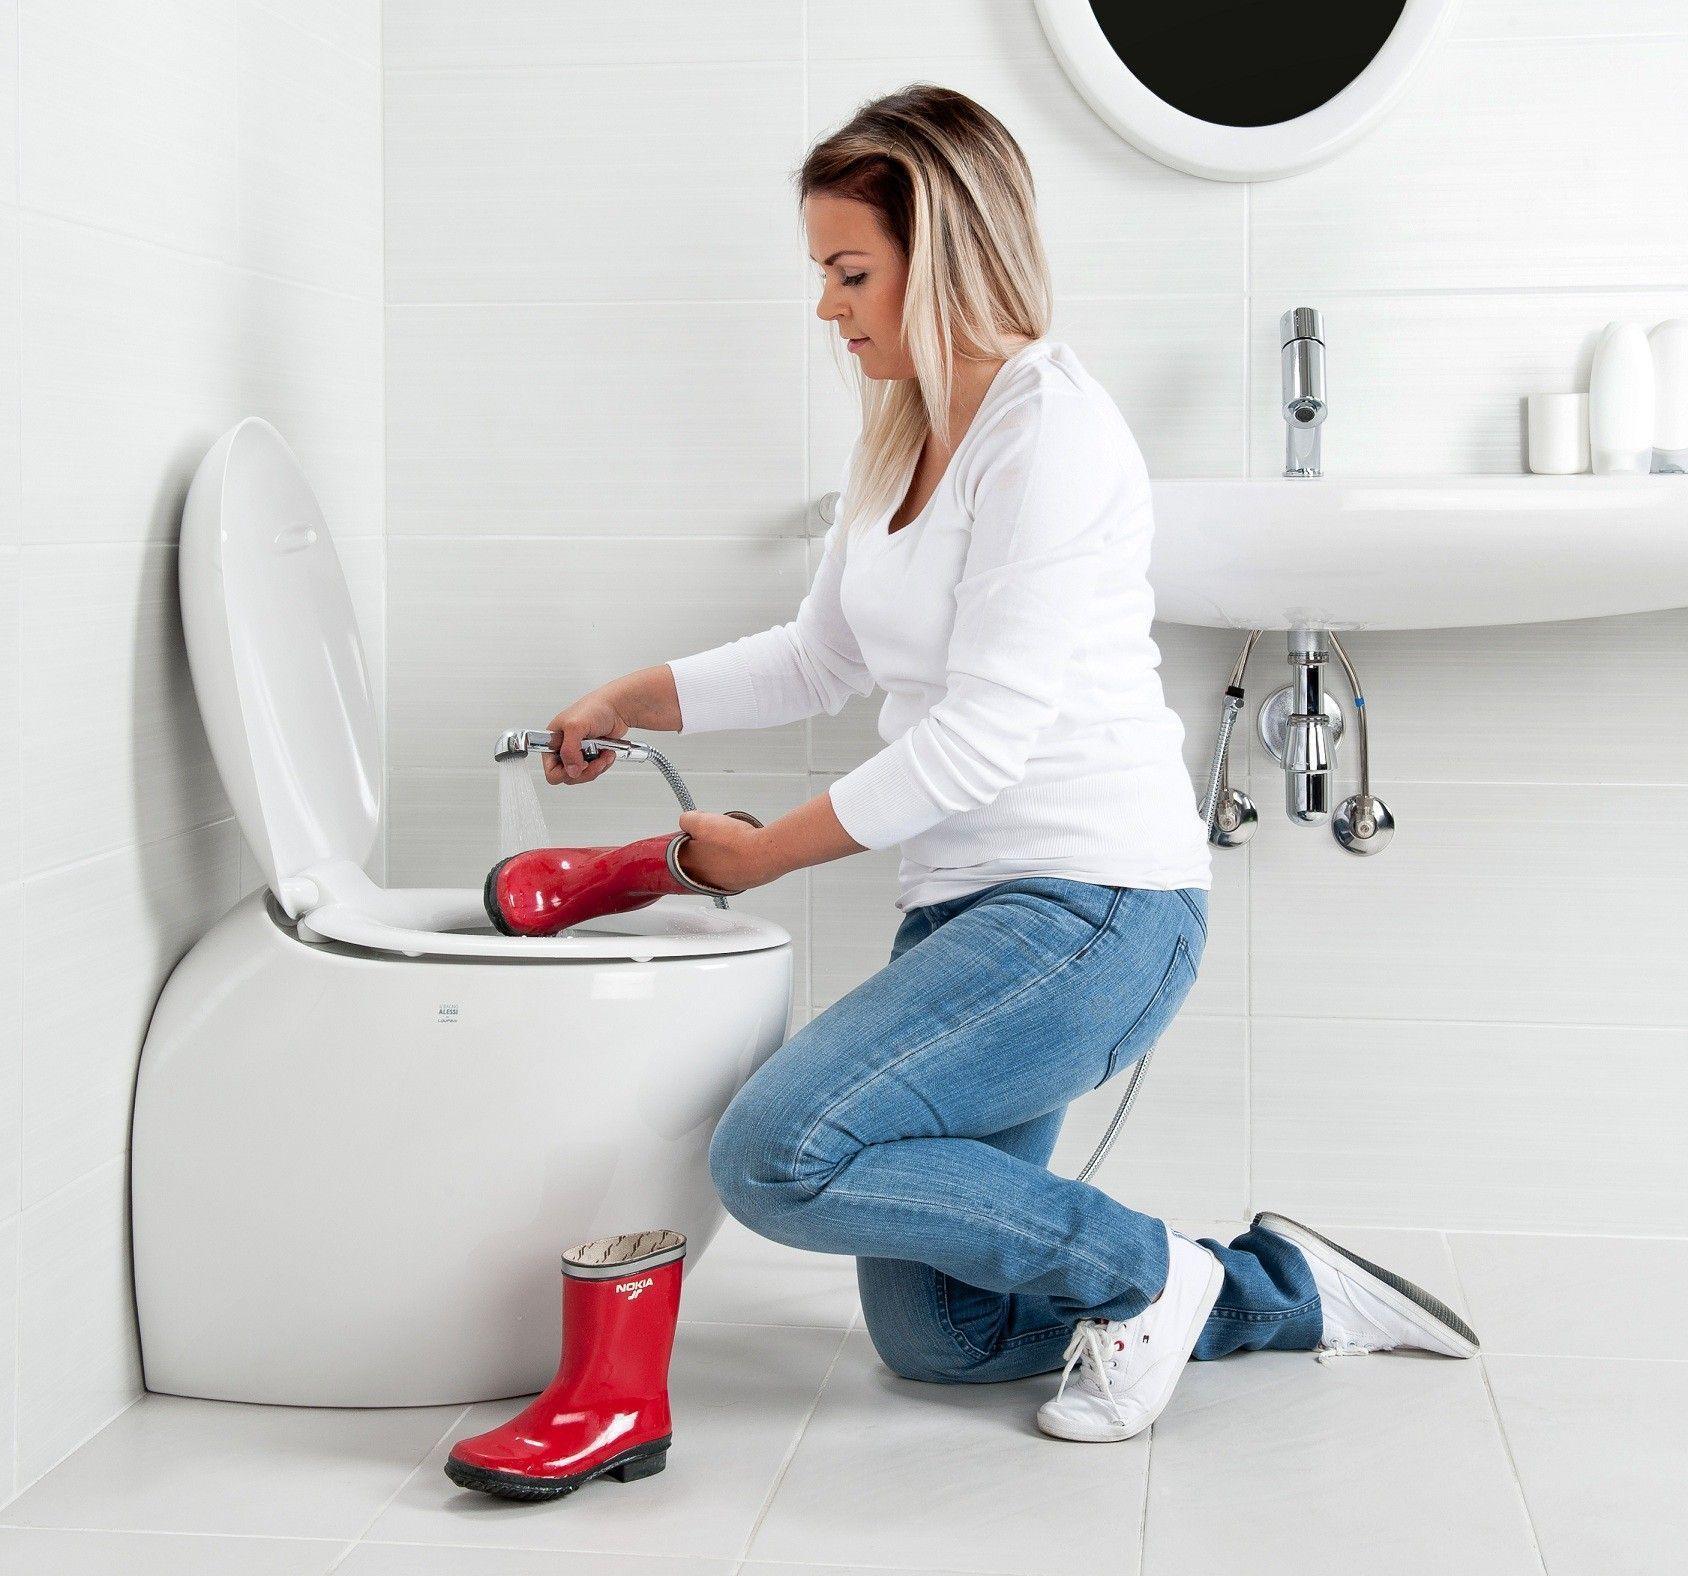 Проточная вода в непосредственной близости возле унитаза - это несравнимо более легкая и санитарно эффективная уборка помещения, а также возможность аккуратно и без забивания трубопровода помыть сильно загрязненные вещи